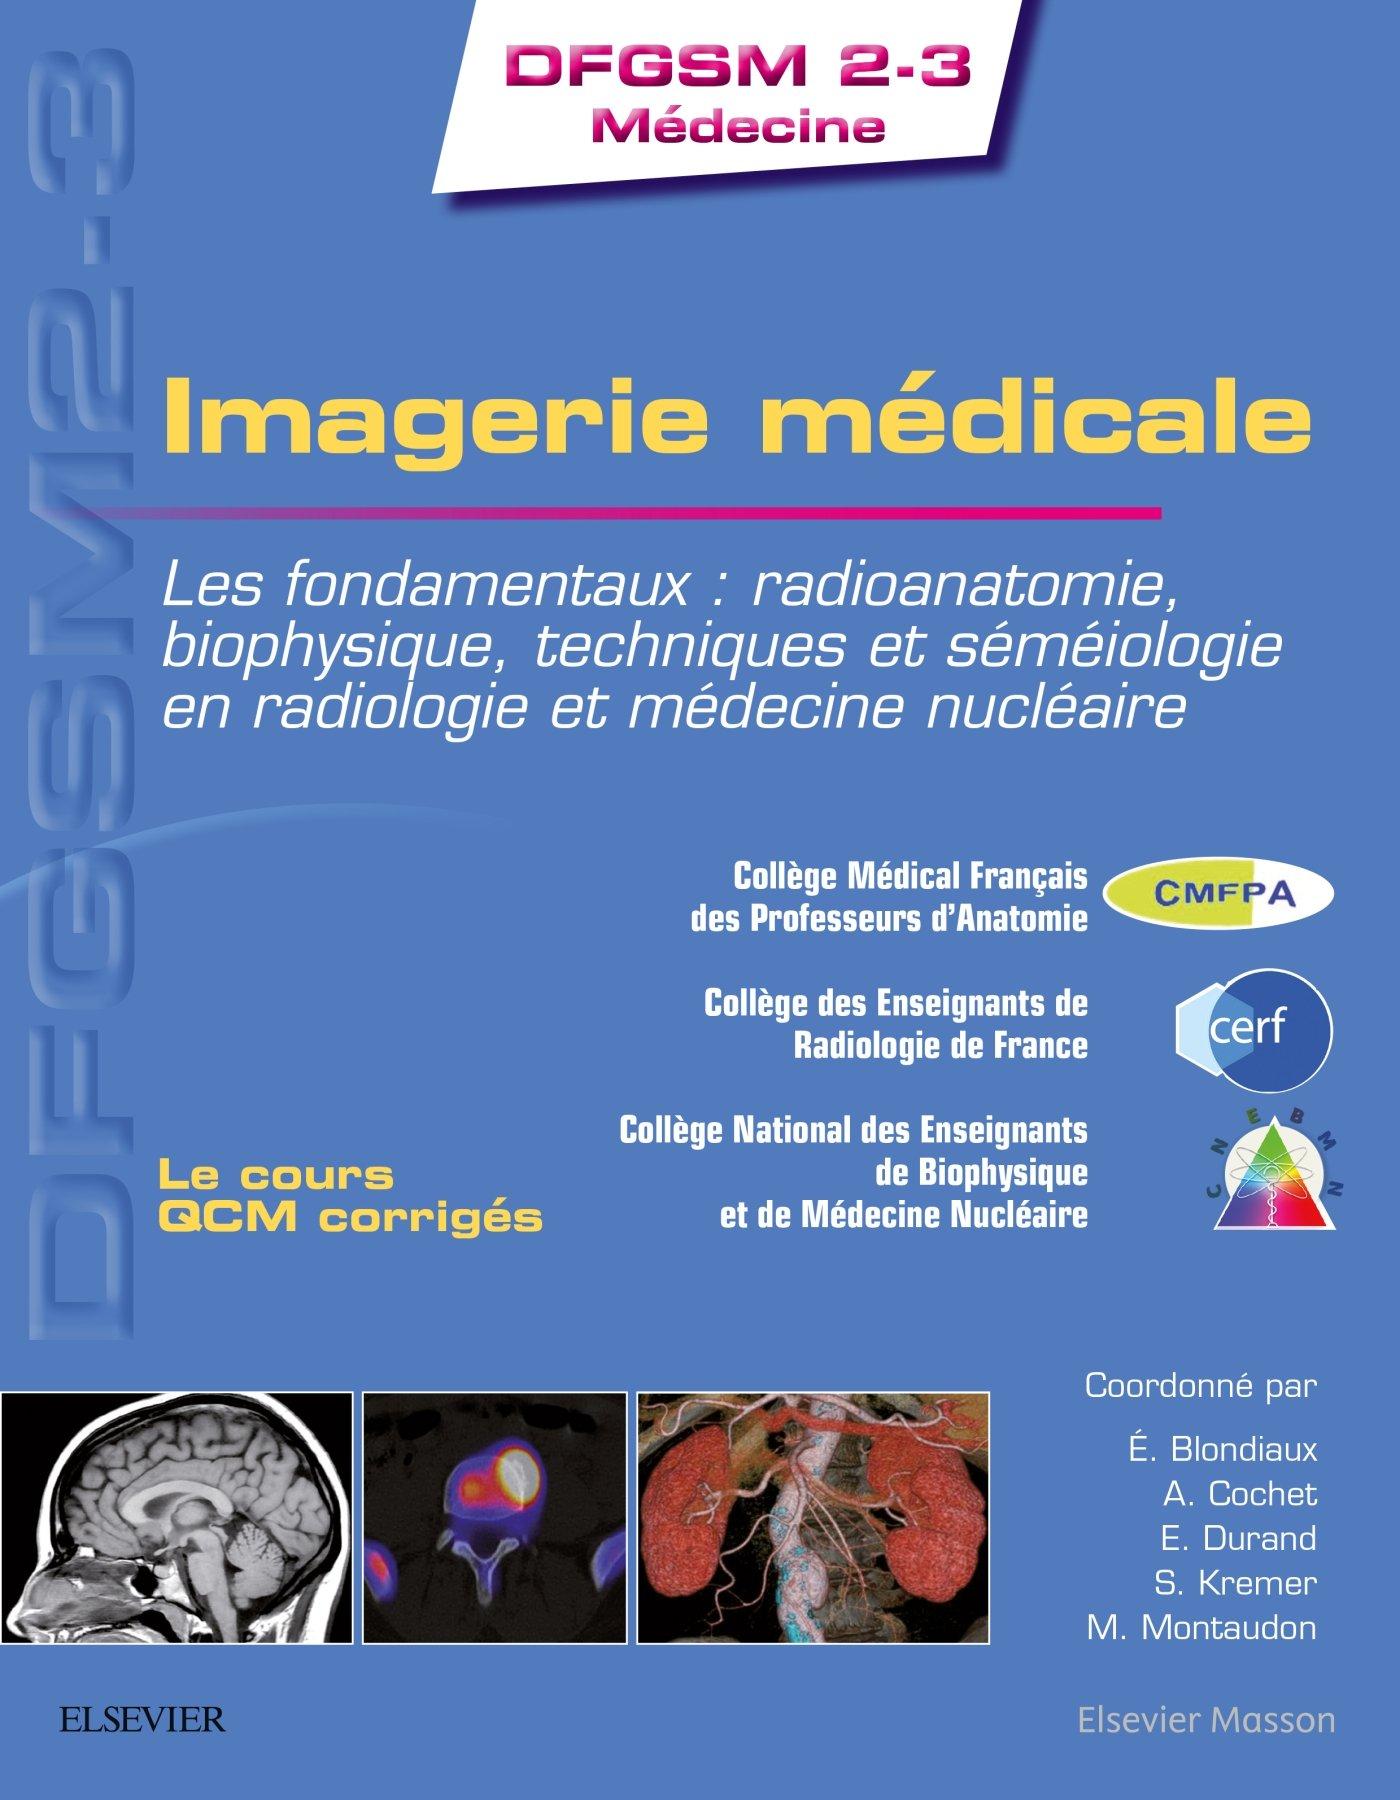 Imagerie médicale: Les fondamentaux : radioanatomie, biophysique ...